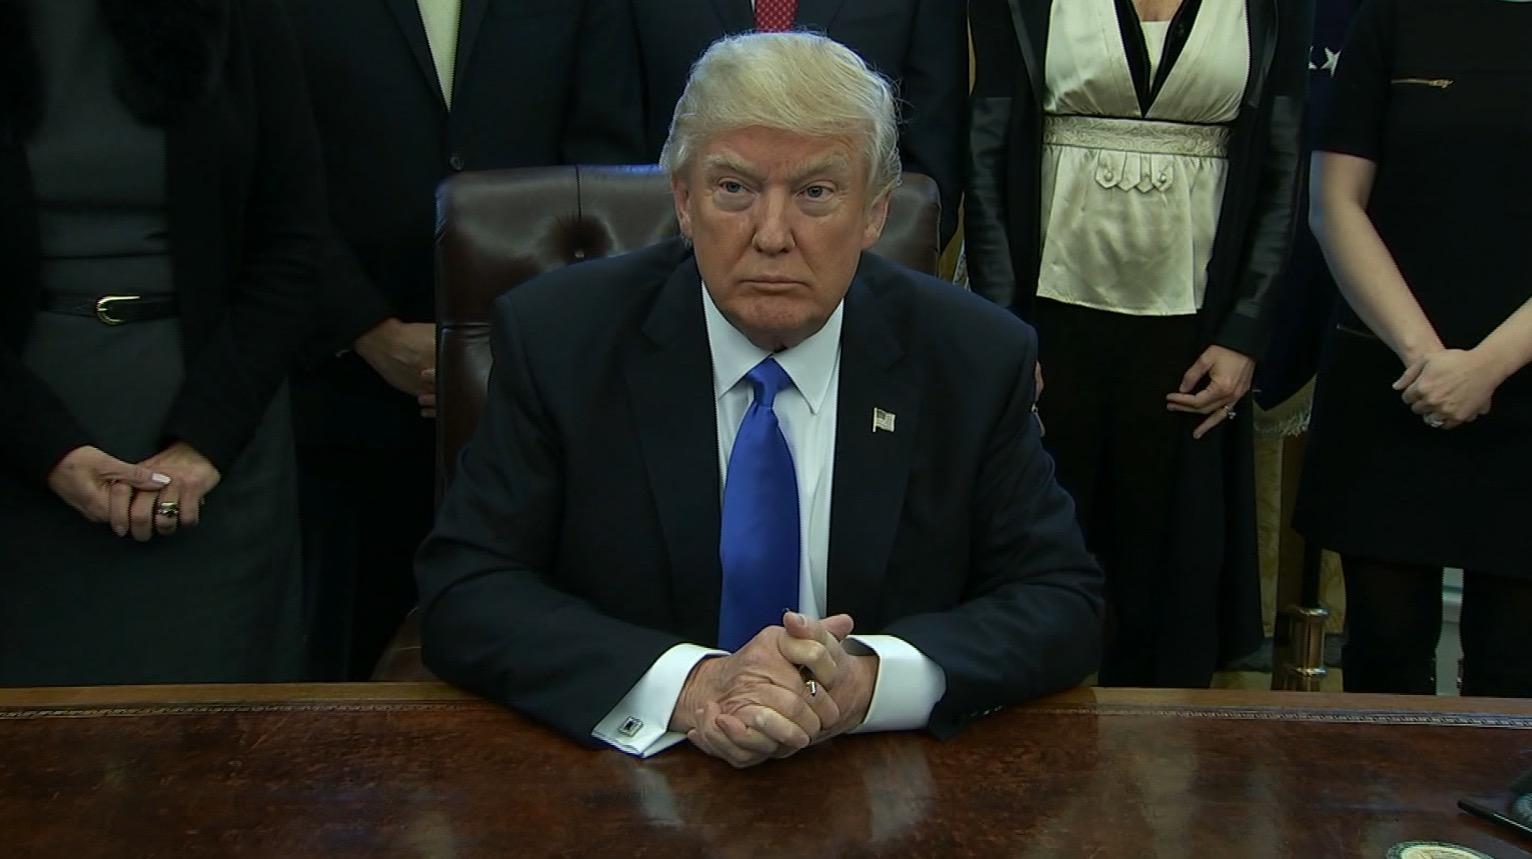 ترامب بعد مرسومه التنفيذي: حظر السفر يعمل بشكل جيد